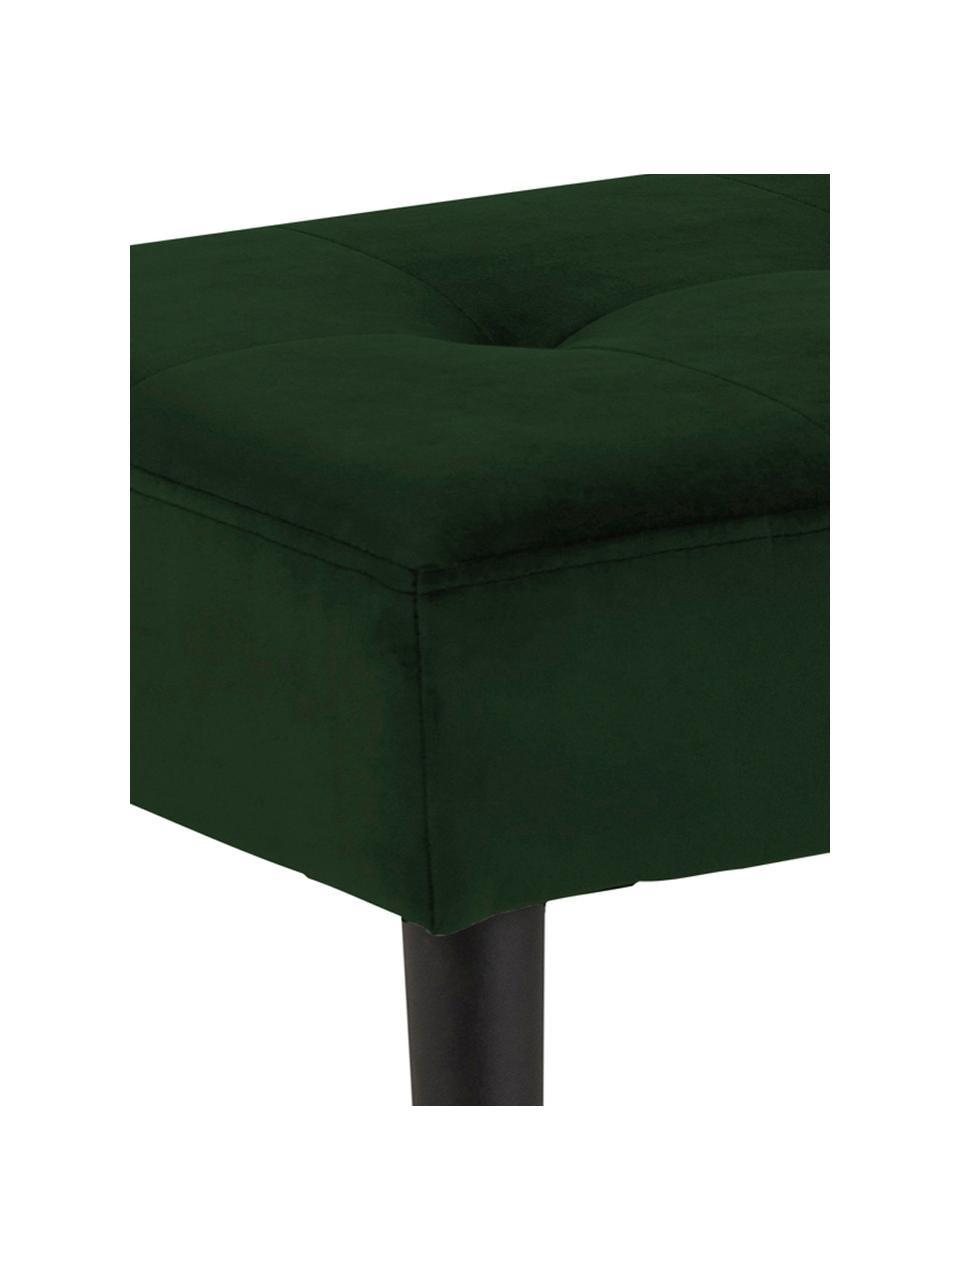 Panca in velluto Glory, Rivestimento: velluto di poliestere 25., Struttura: metallo verniciato a polv, Verde scuro, Larg. 95 x Alt. 45 cm